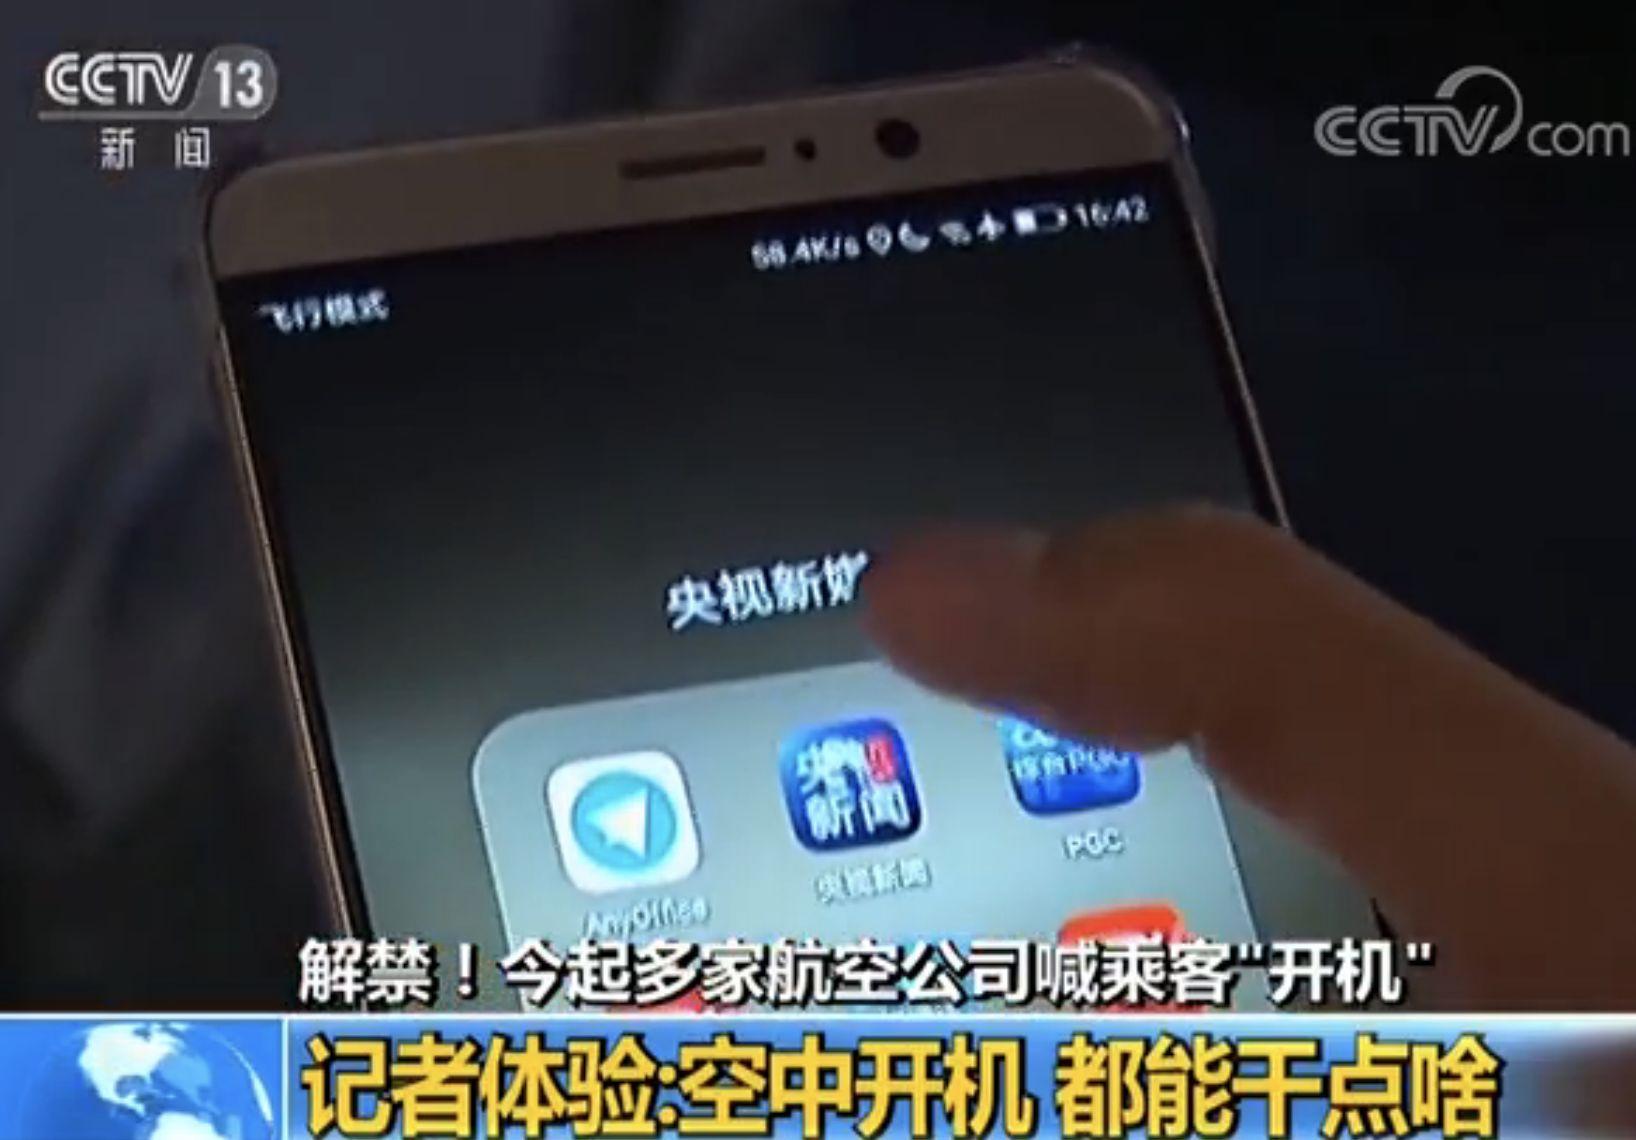 飞机上可以用手机上网了!网速如何?记者实地体验